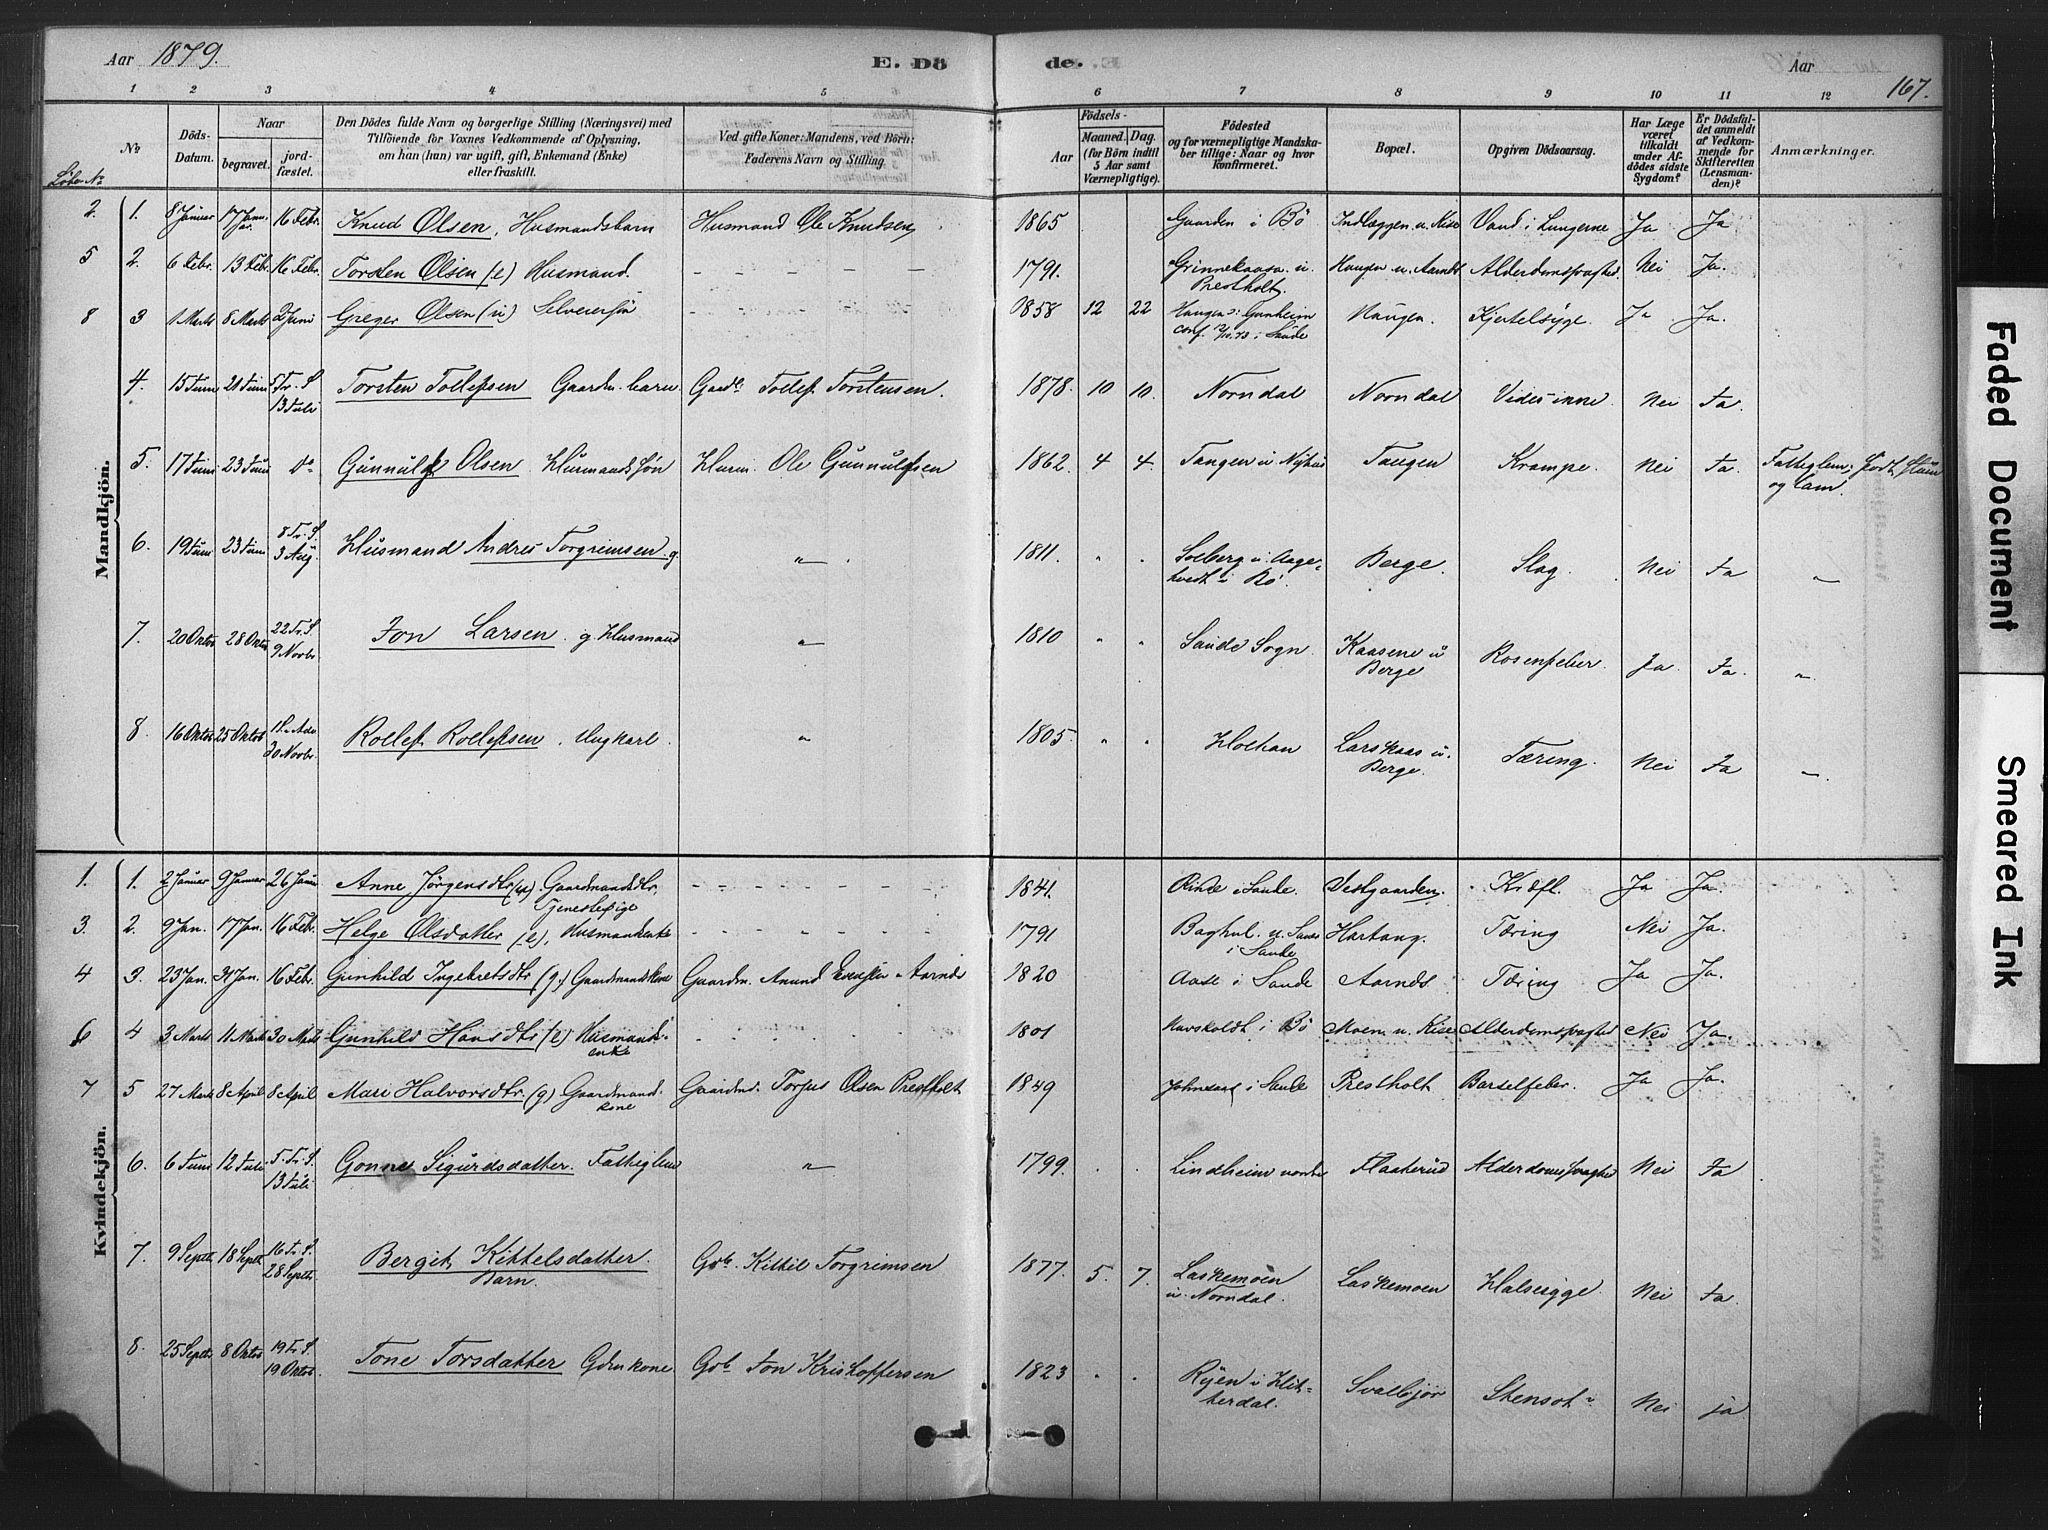 SAKO, Sauherad kirkebøker, F/Fb/L0002: Ministerialbok nr. II 2, 1878-1901, s. 167